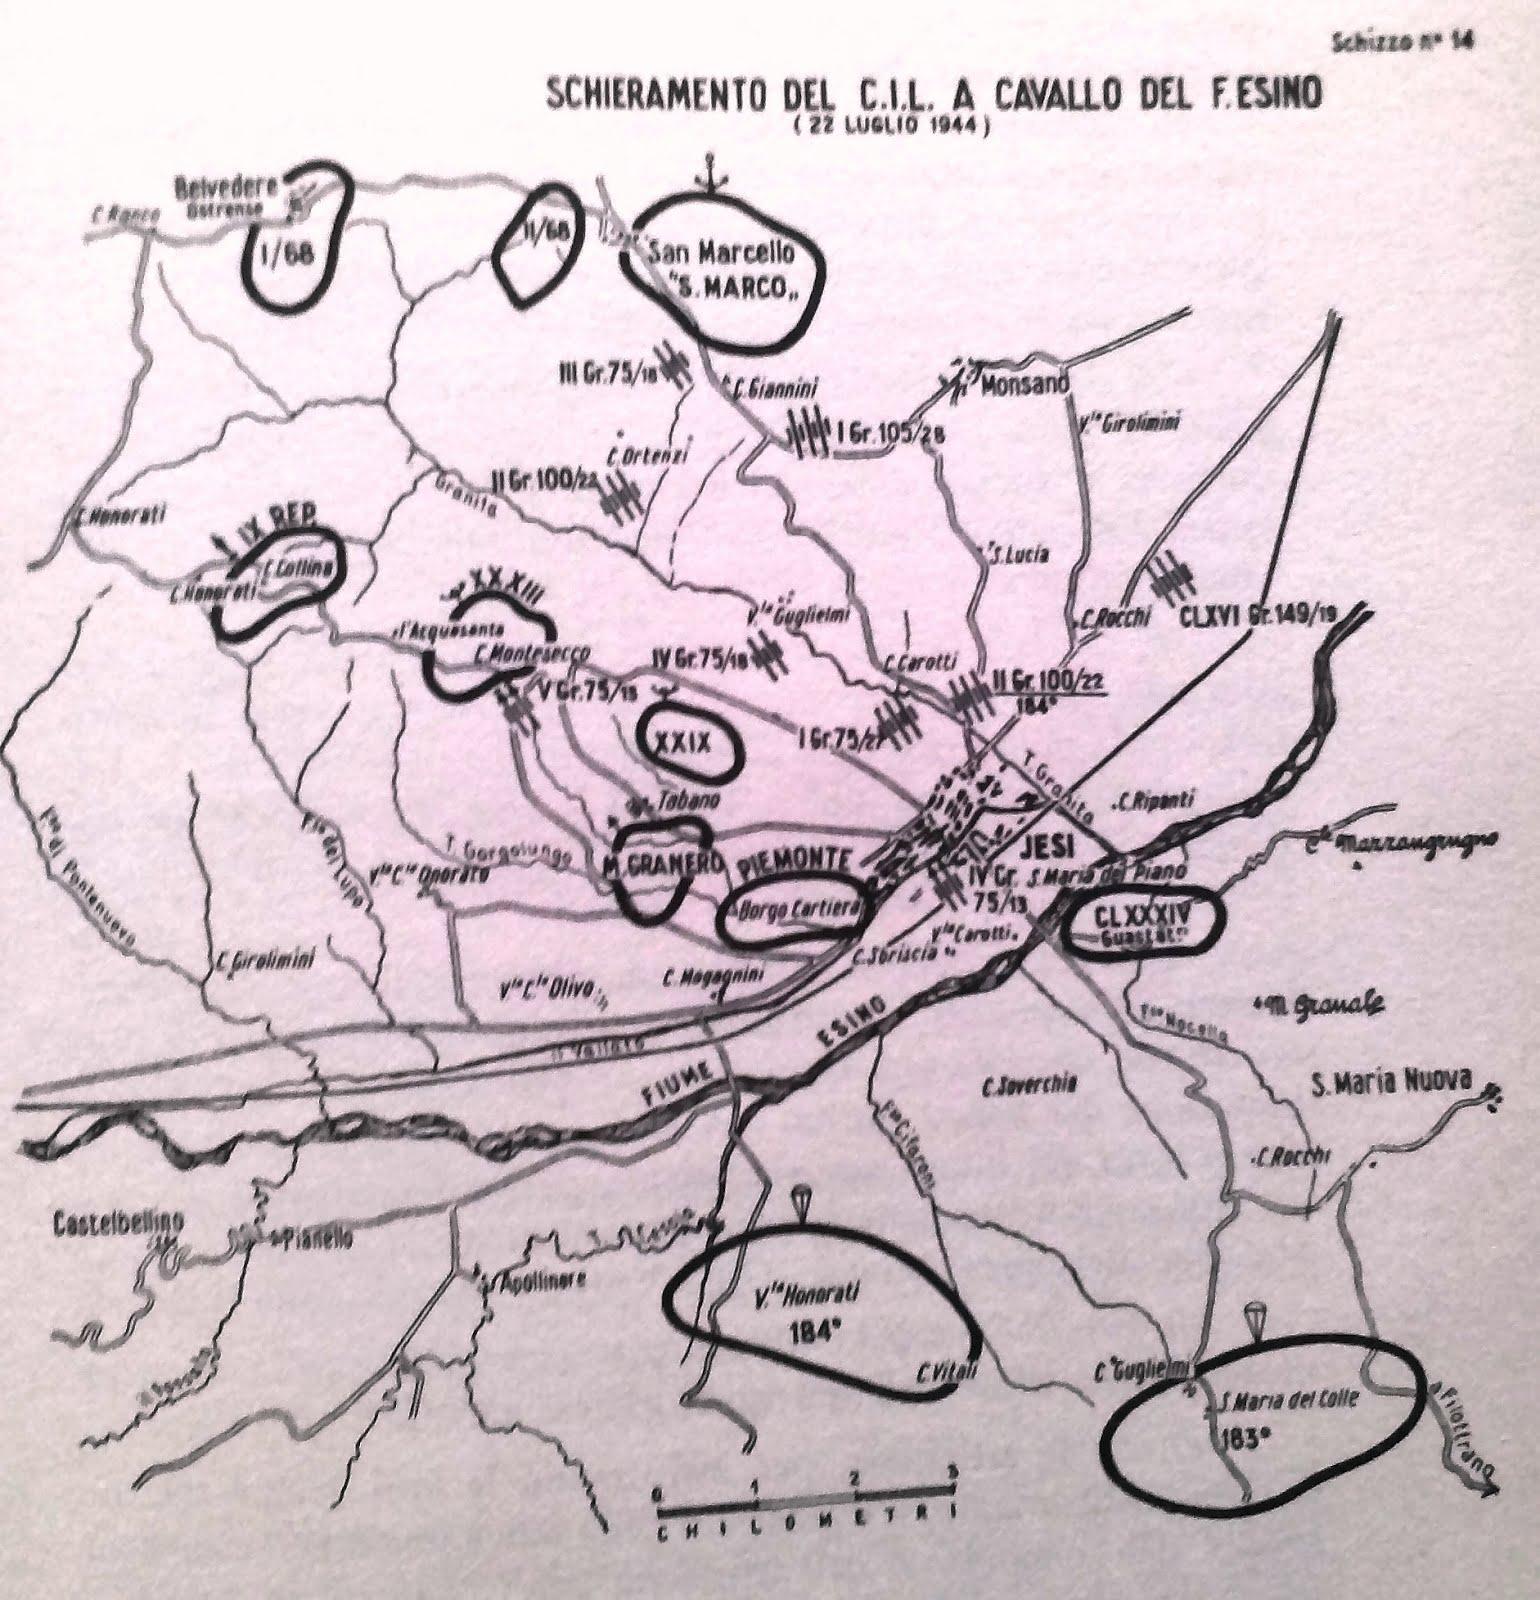 Schieramento del Corpo Italiano di Liberazione 22 luglio 1944